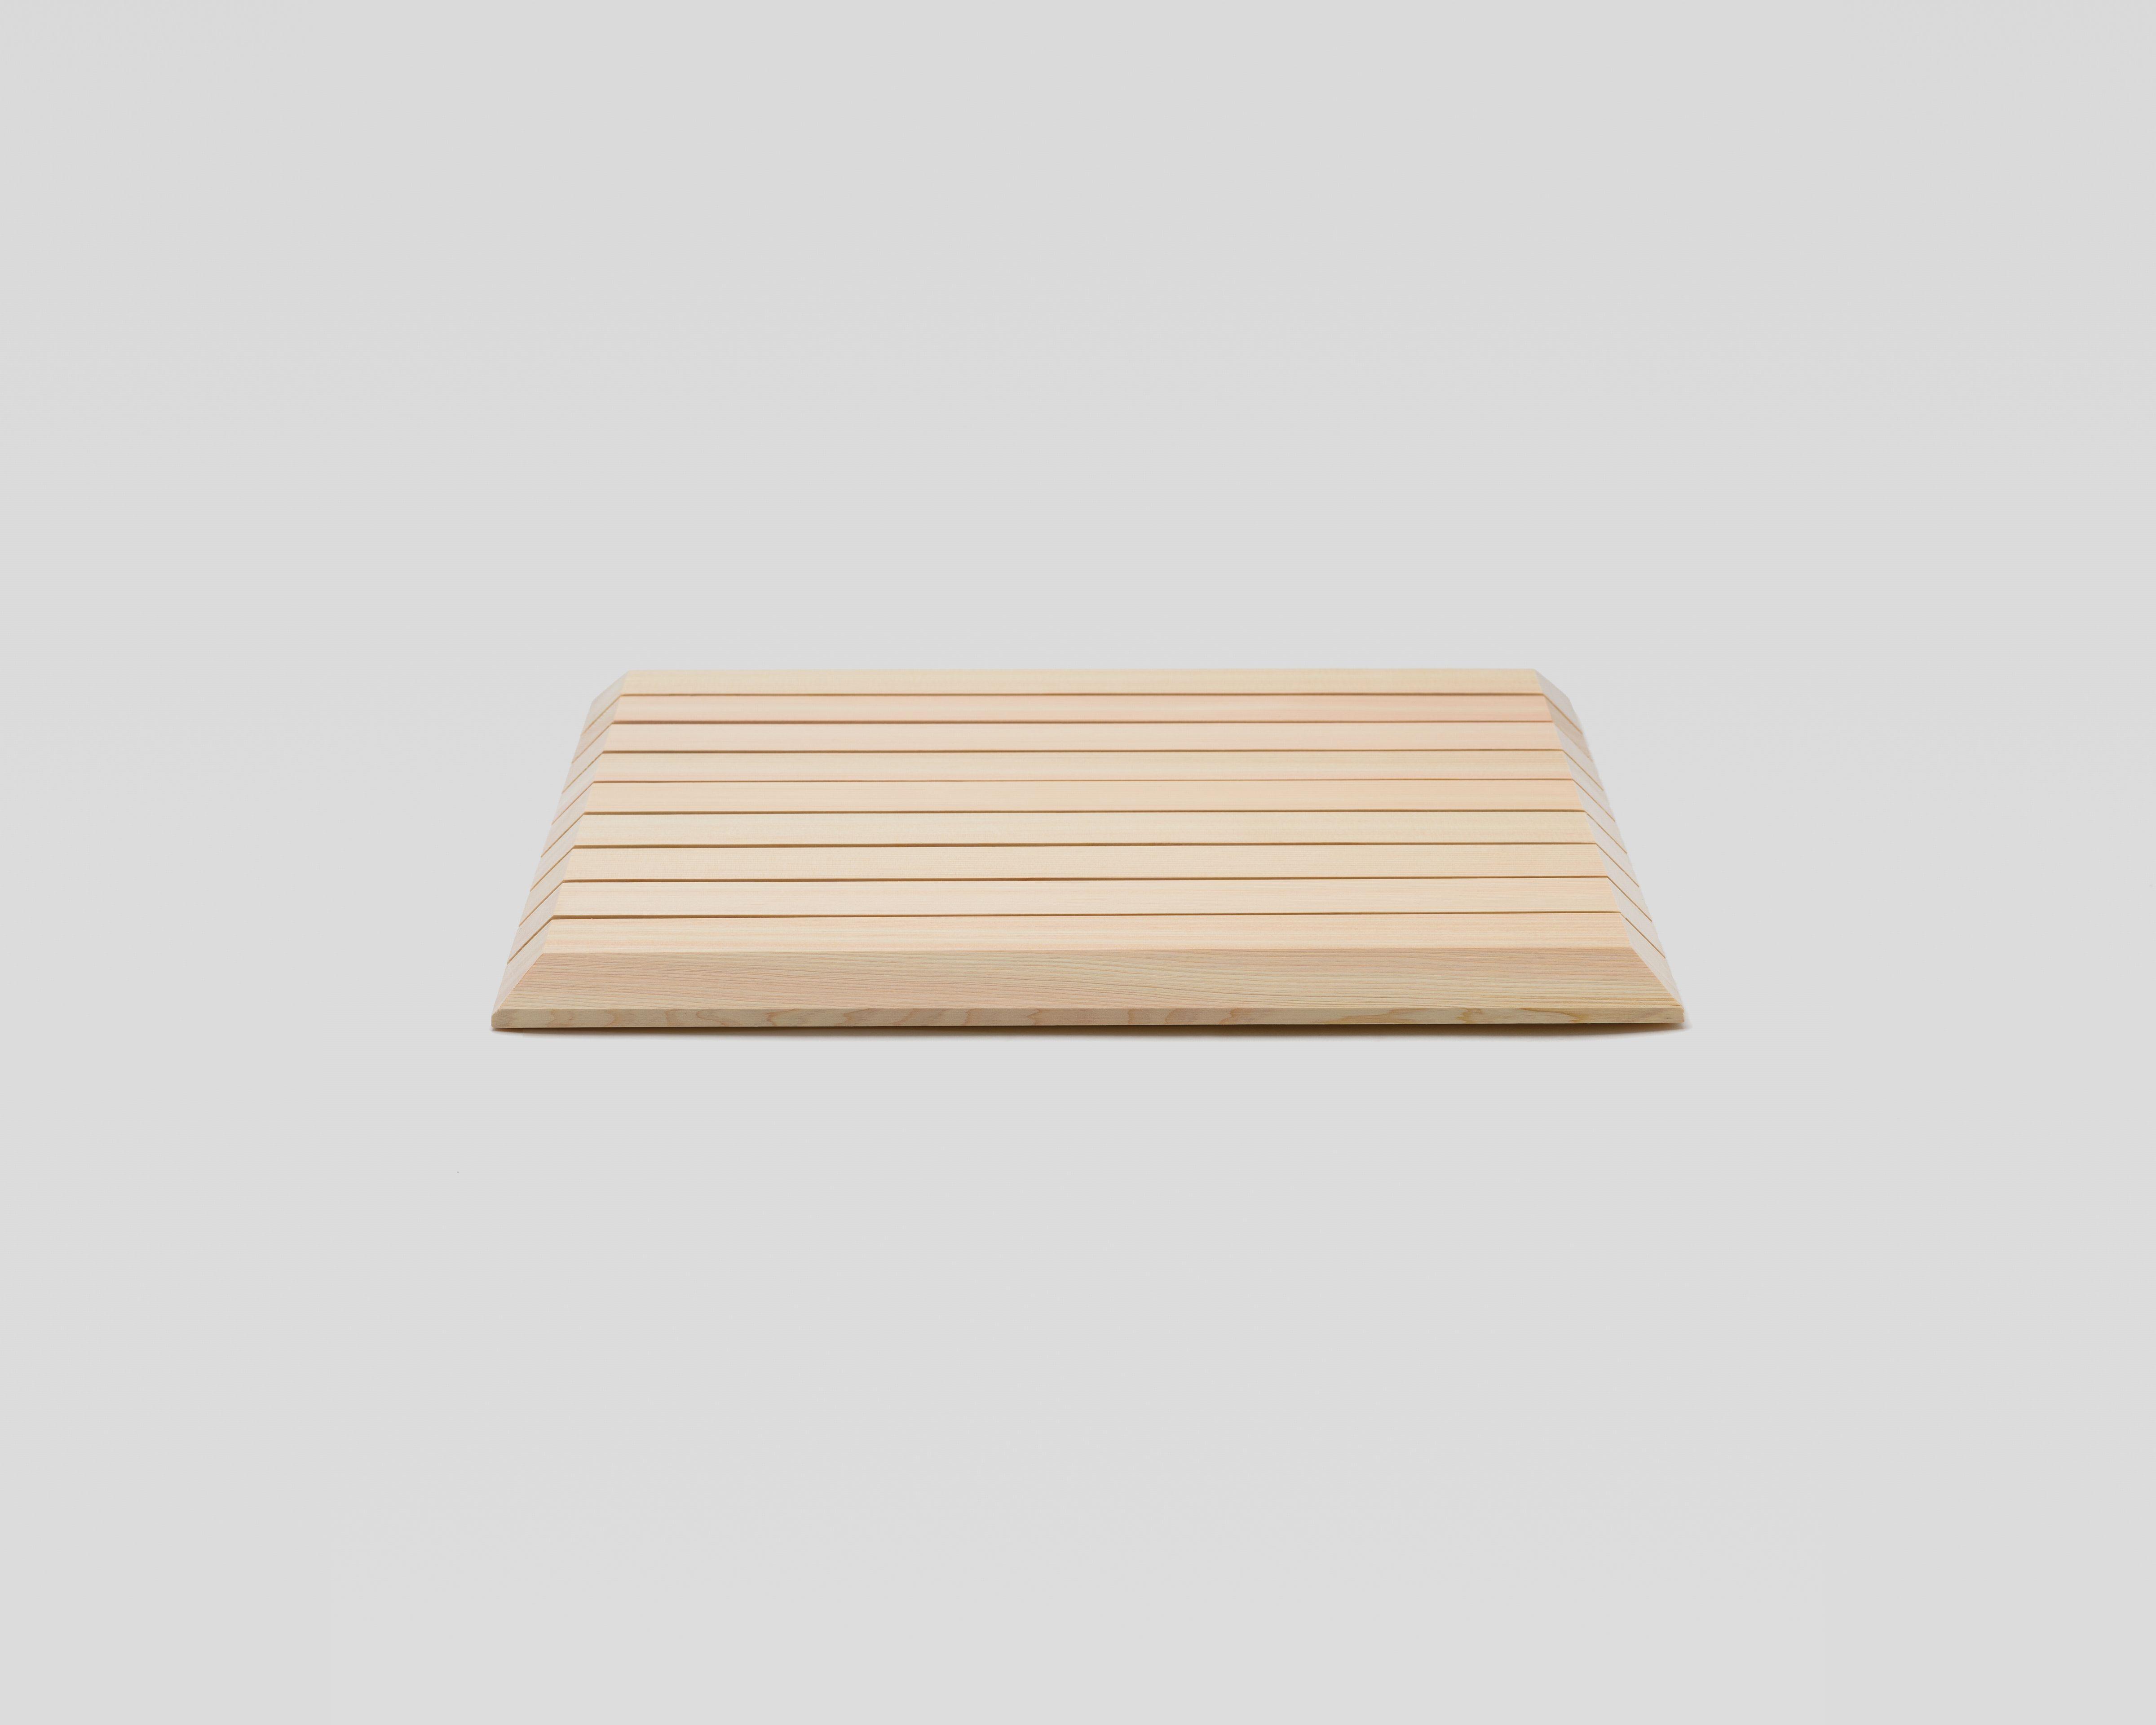 NEW木曽の檜でつくったバスマット(スクエア)03